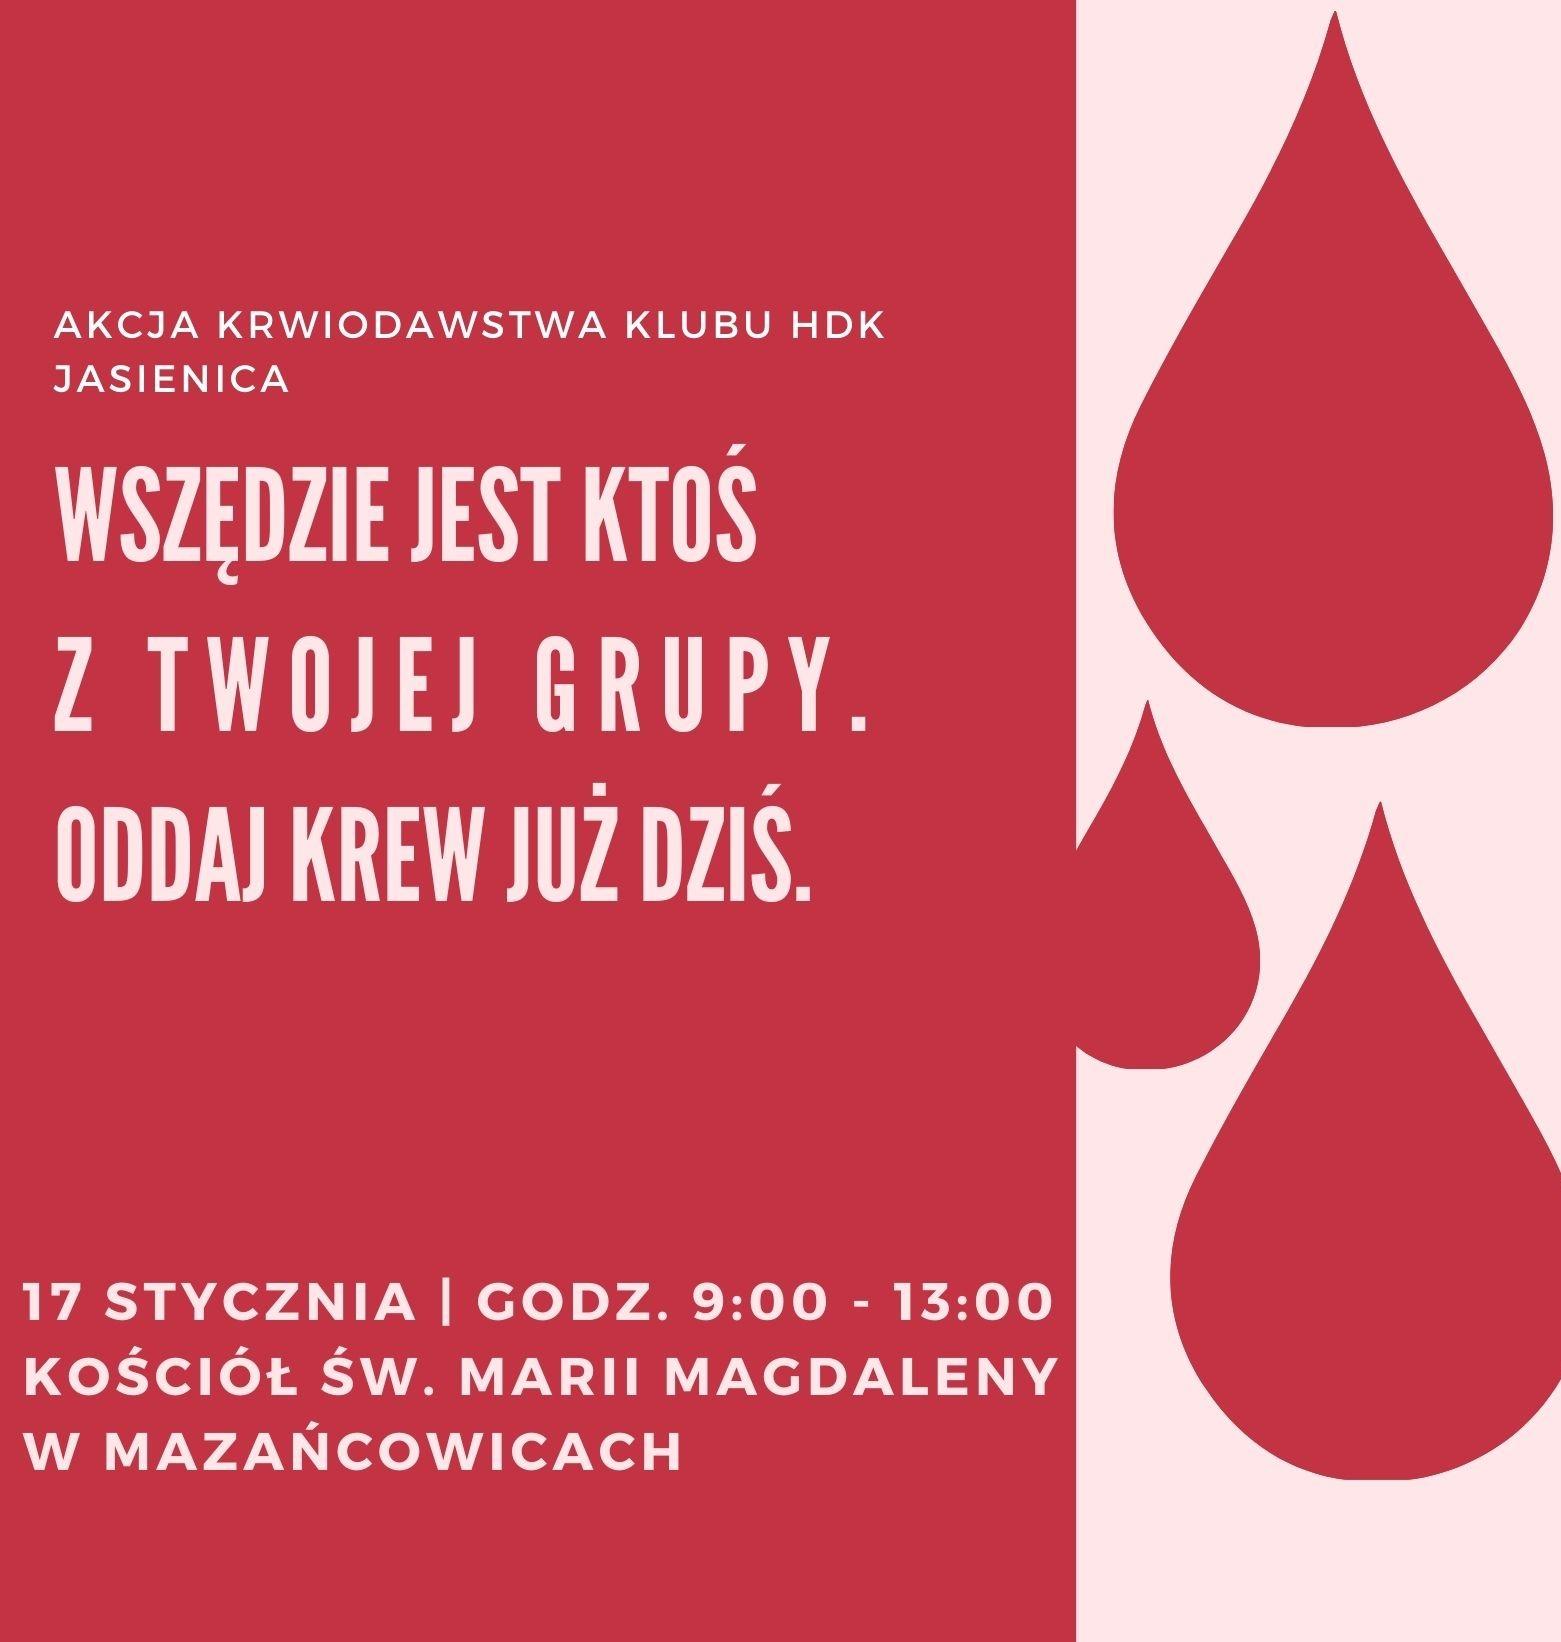 Plakat dotyczący akcji krwiodawstwa.